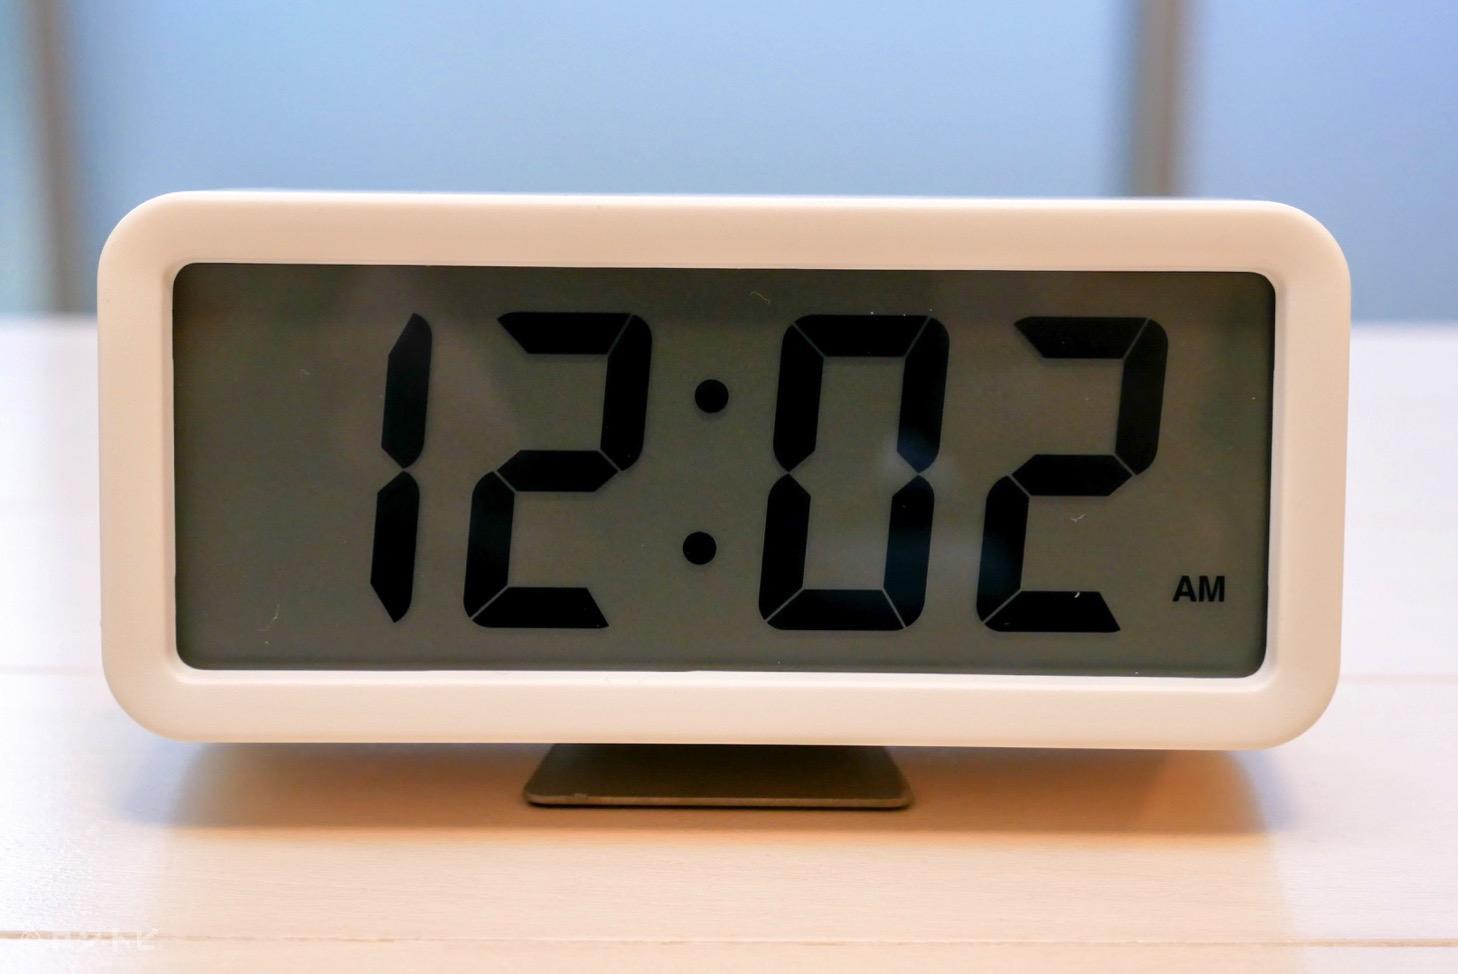 無印良品 デジタル時計 使い方